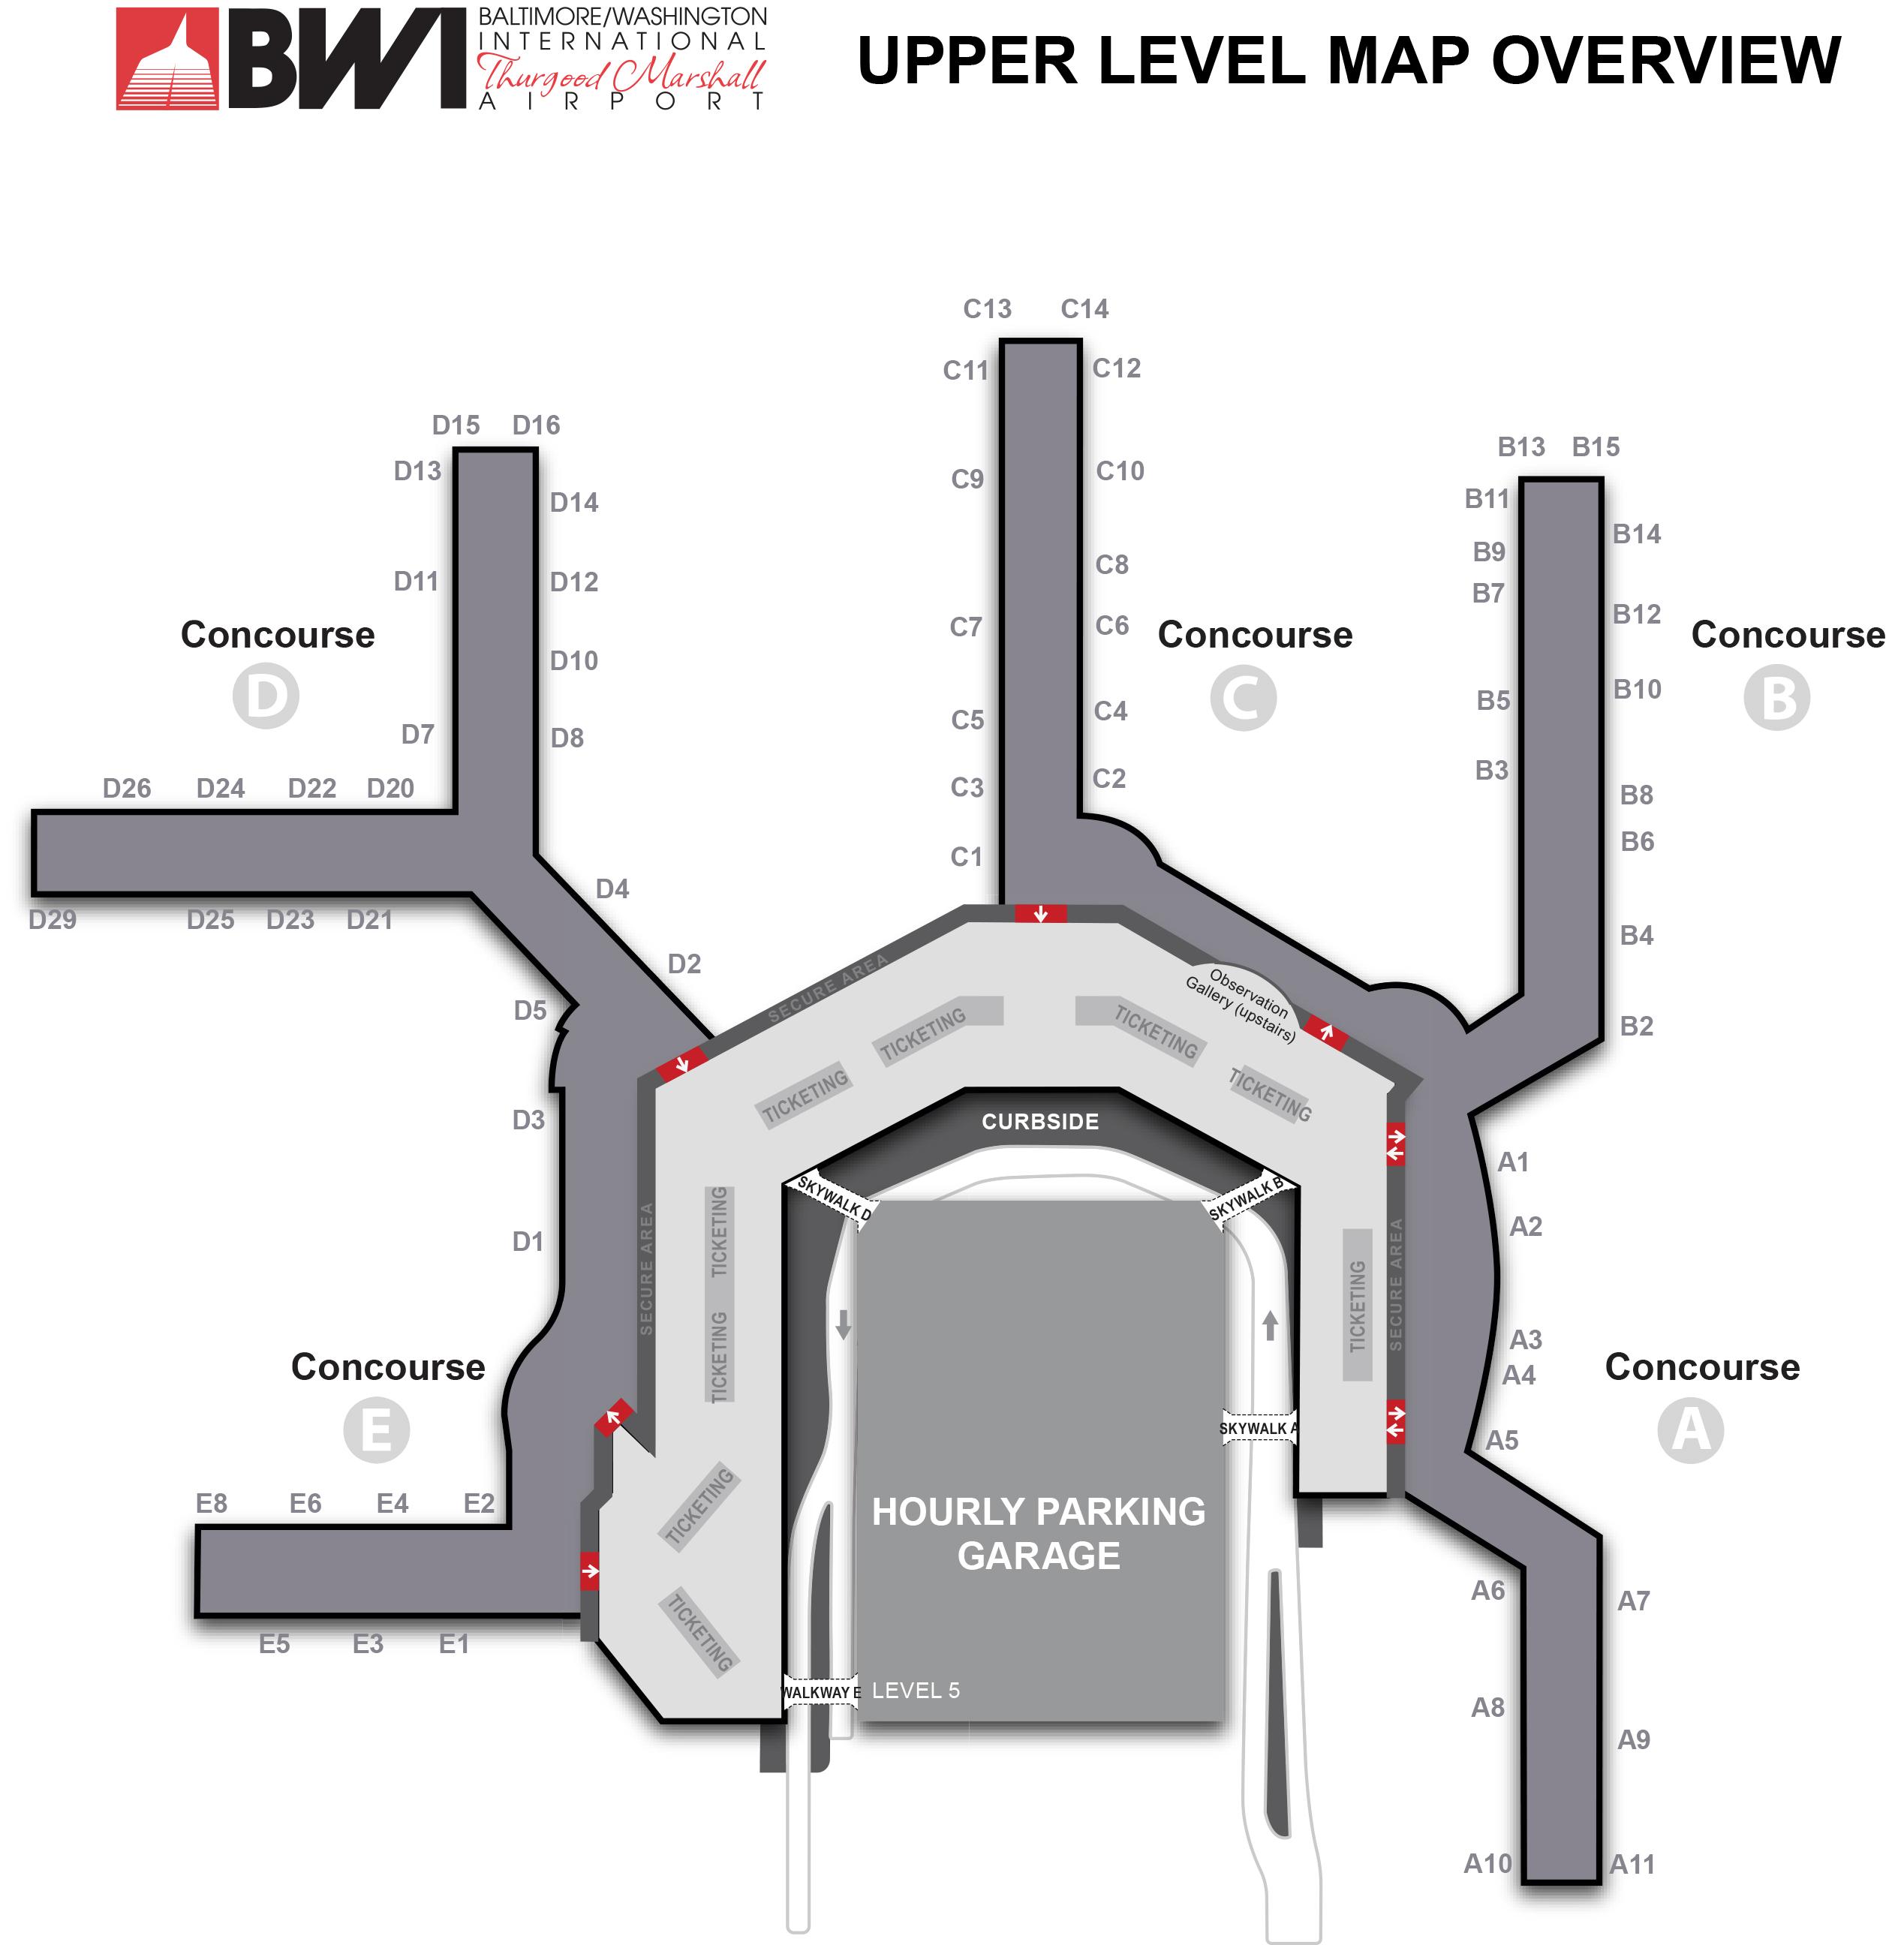 Baltimore-Washington International Airport Map - Printable Terminal ...